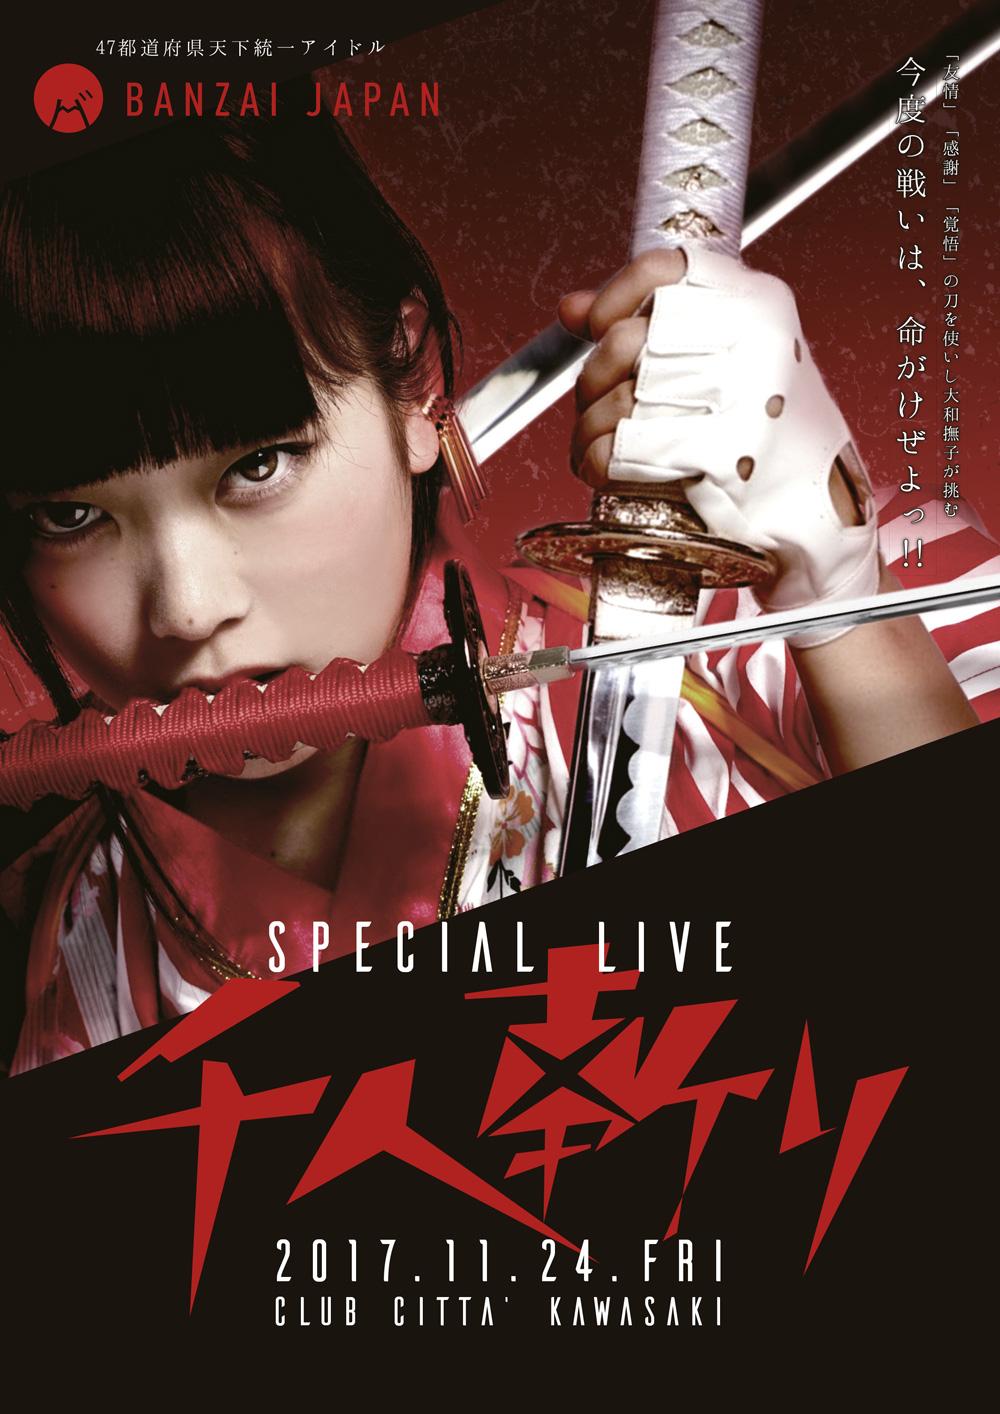 BANZAI JAPANスペシャルライブ「千人斬」